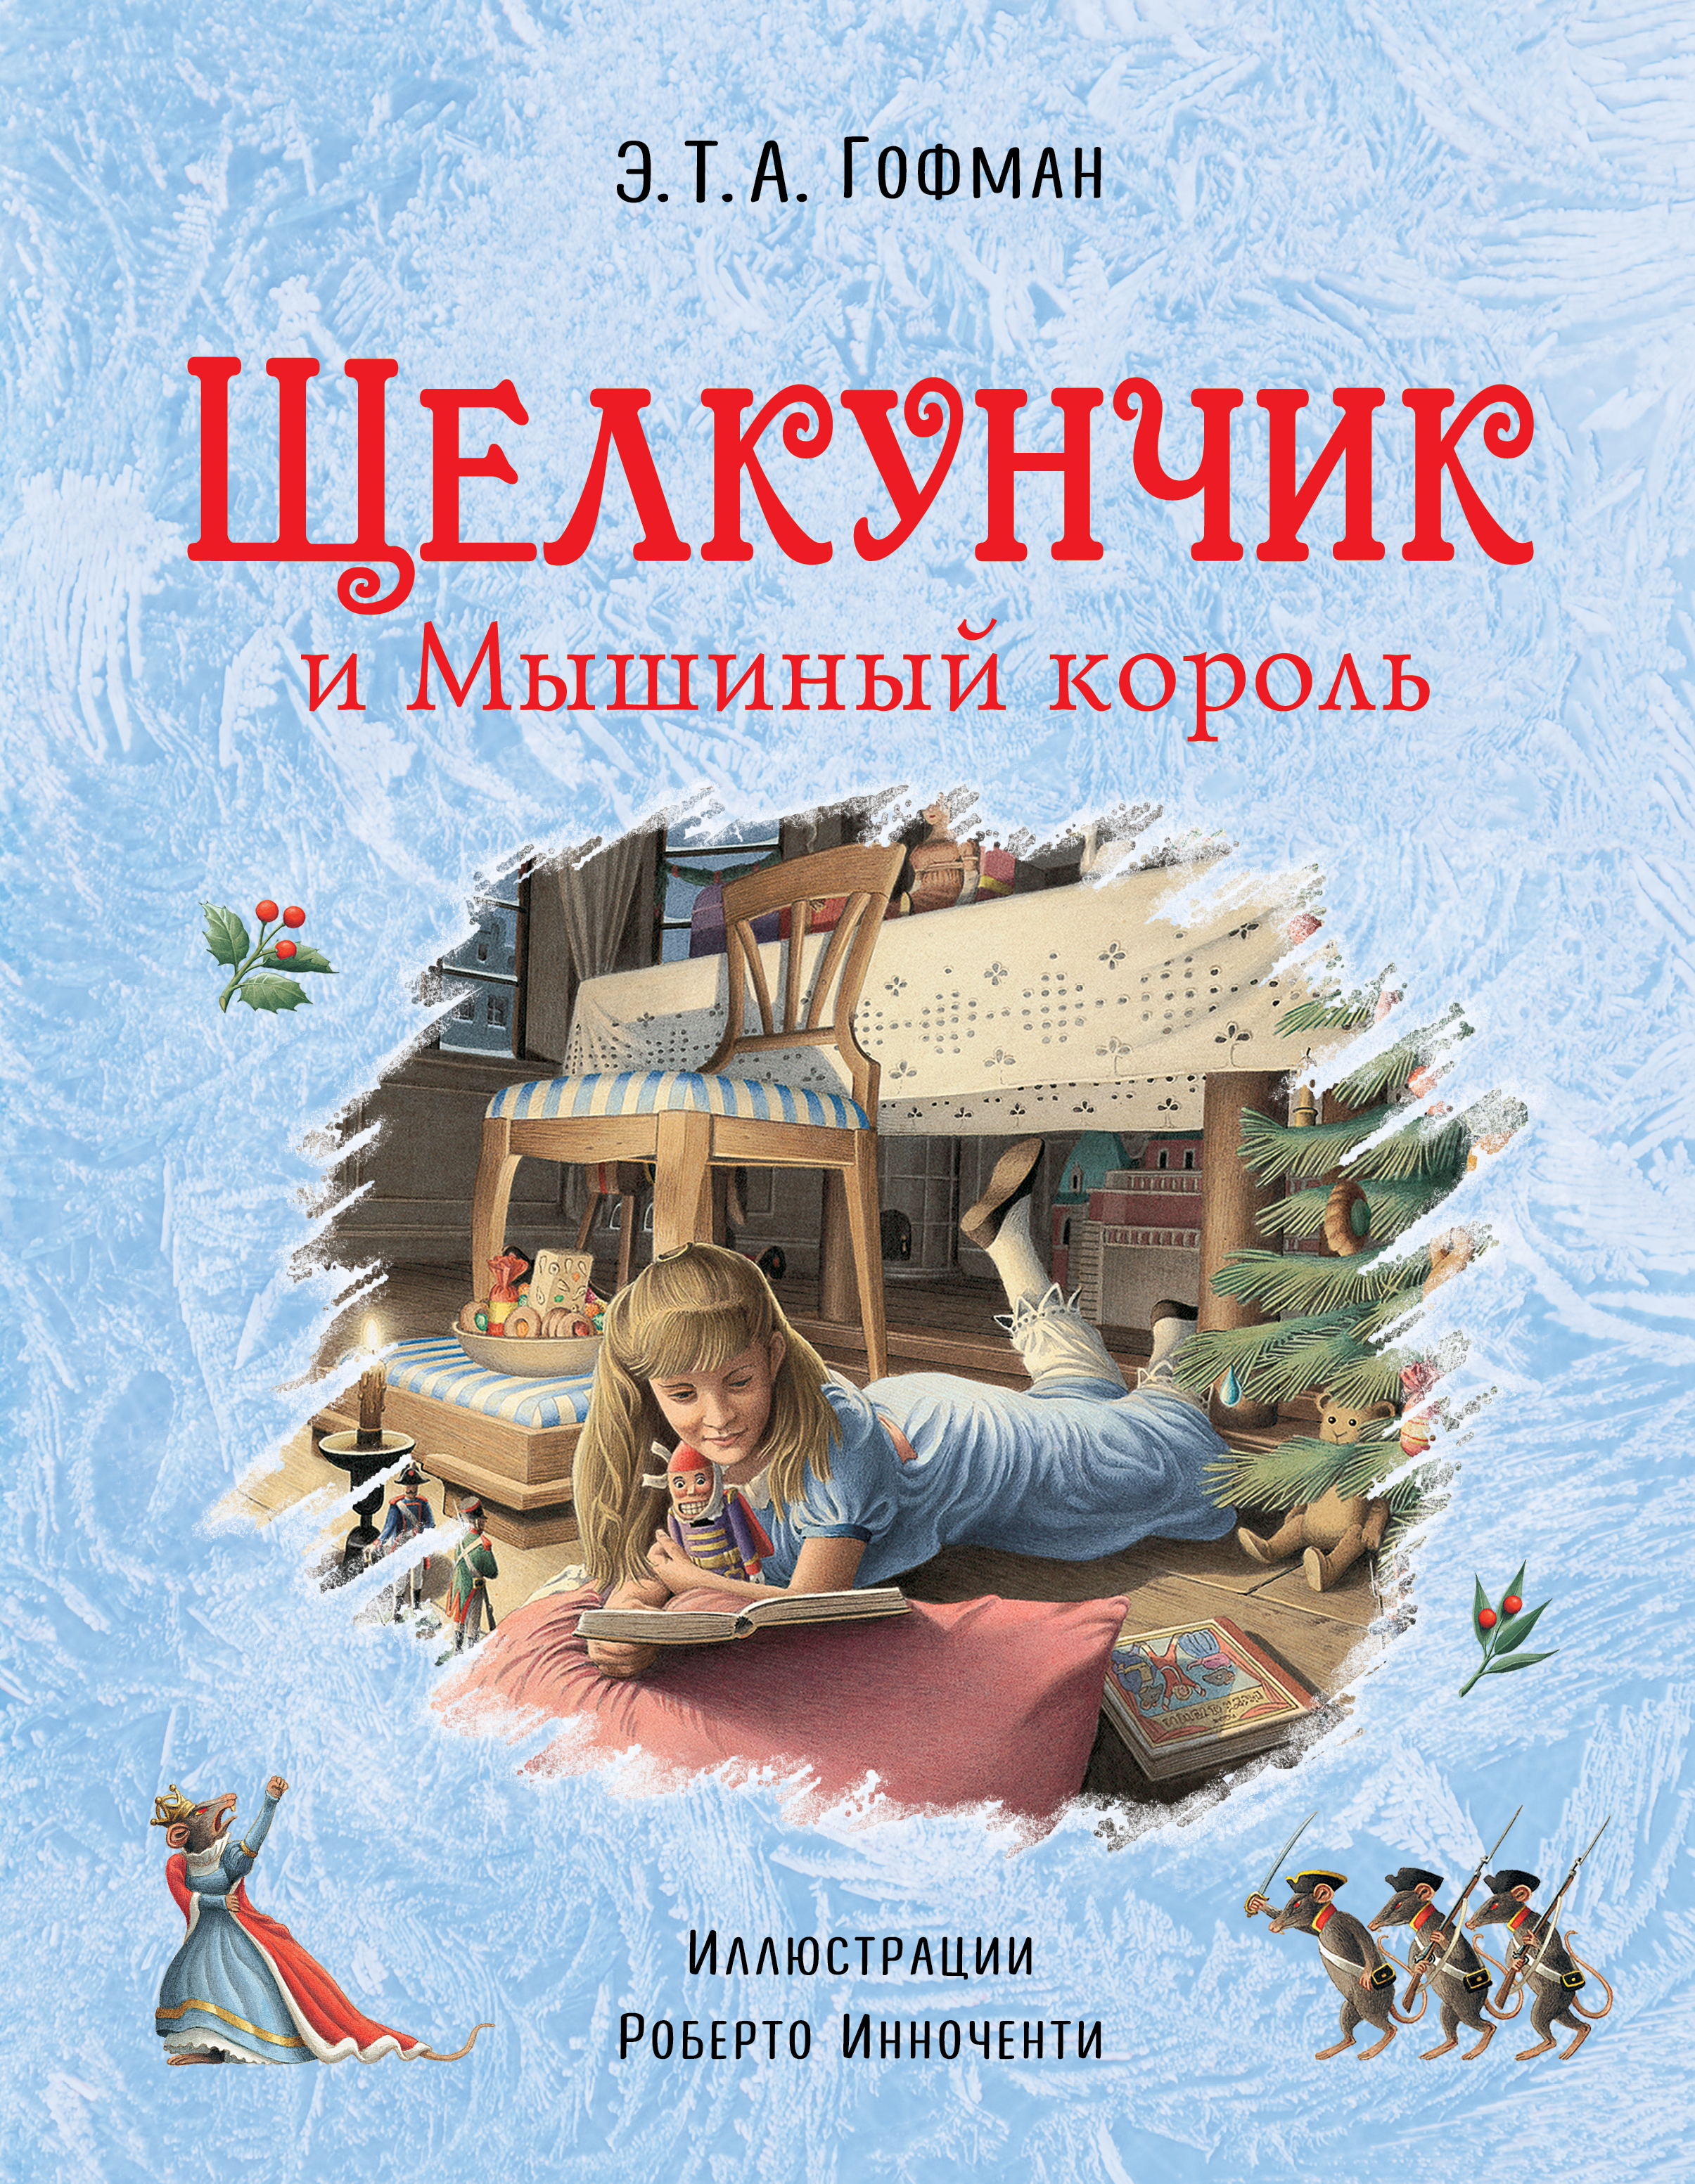 Гофман Э.Т. Щелкунчик и Мышиный король